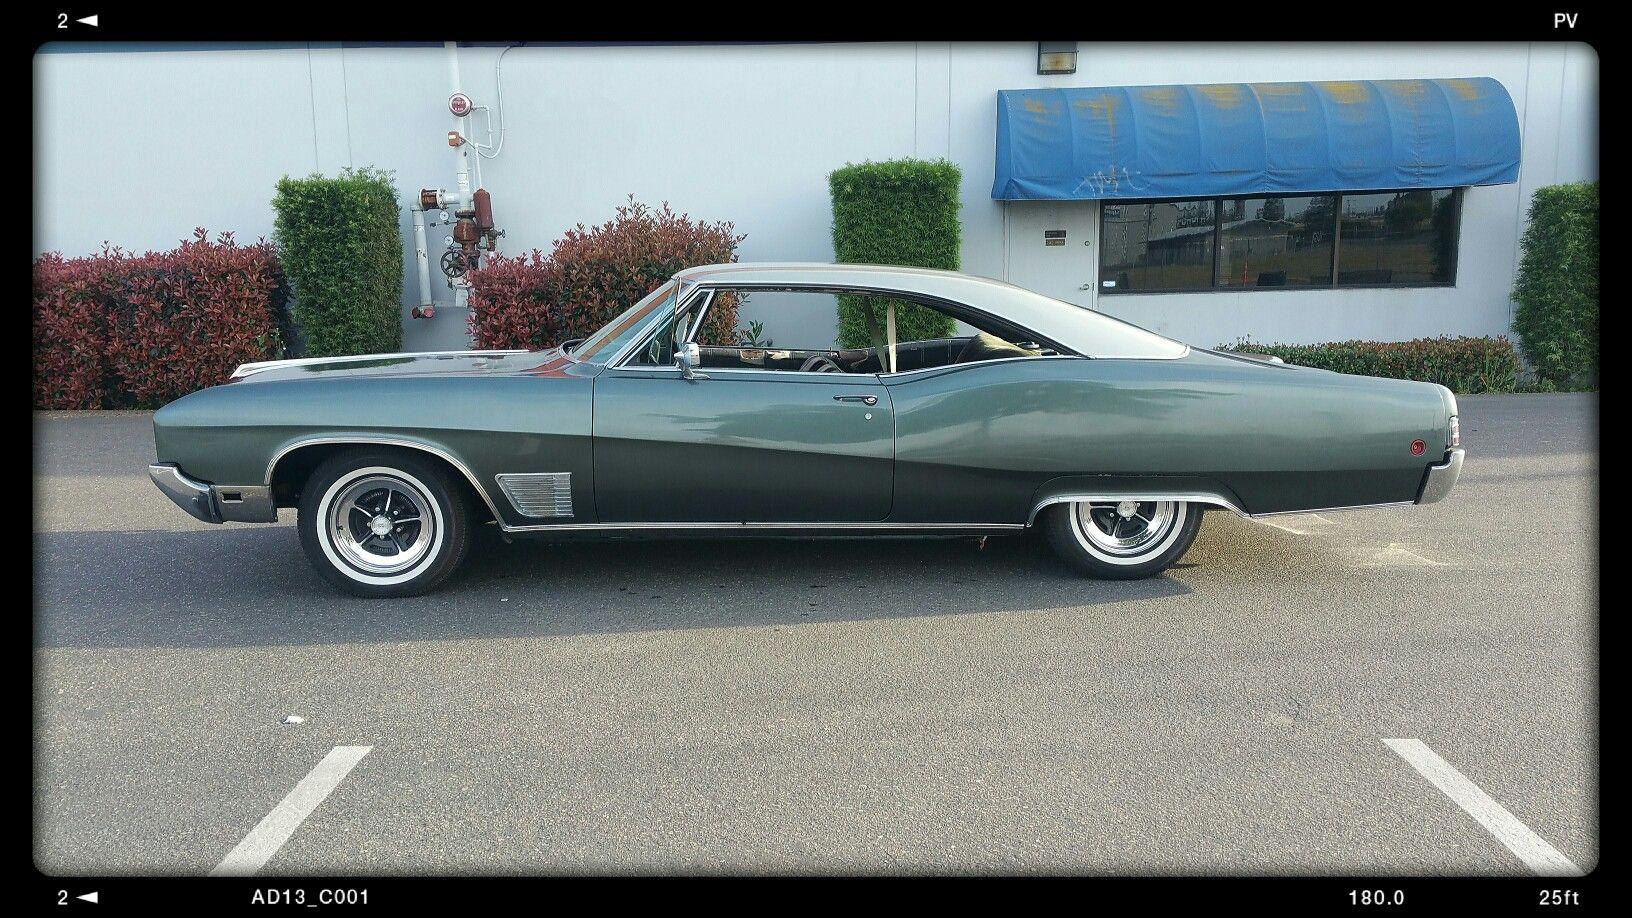 my 1968 buick wildcat cars buick wildcat, american 1968 wildcat imcdb org 1968 buick wildcat custom